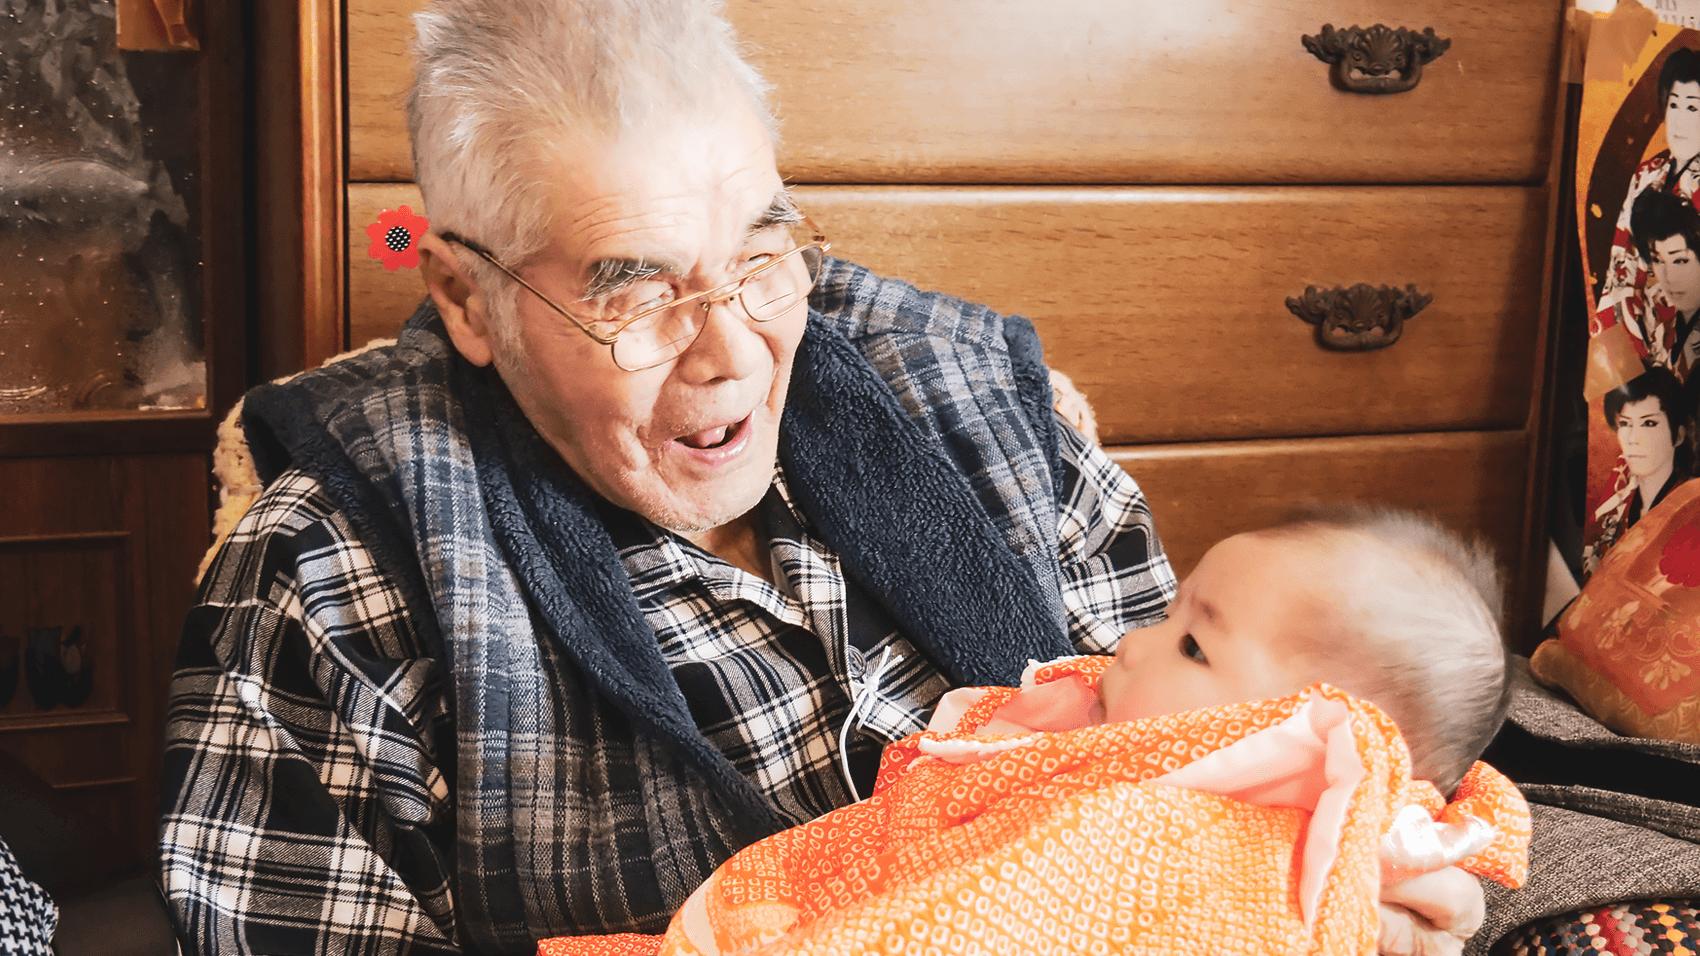 ひ孫をあやすおじいちゃん